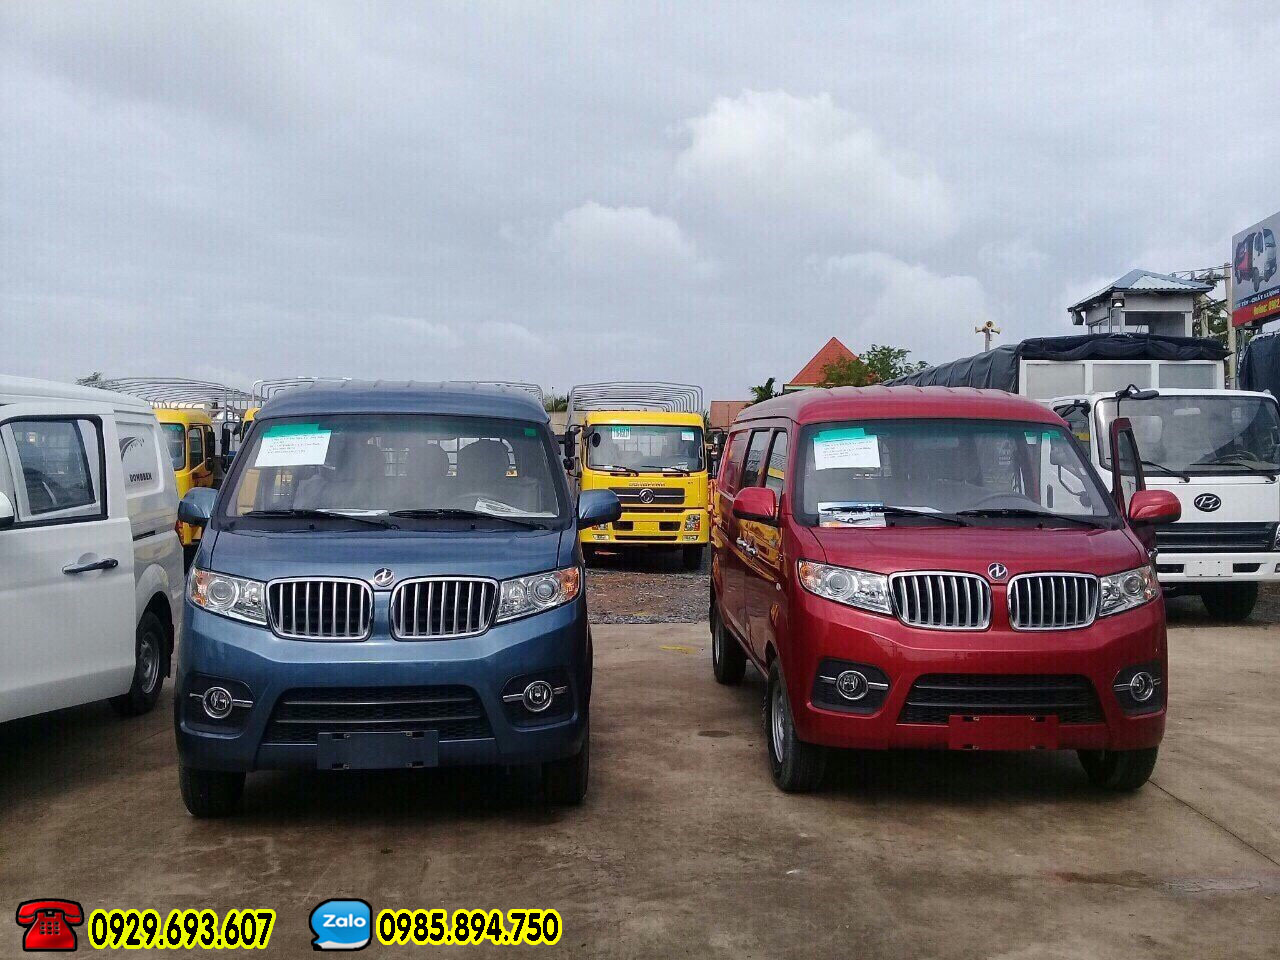 Dongben x30v5   Xe bán tải dongben x30v5, 490kg - 5 chỗ ra vào Sài Gòn 24/24